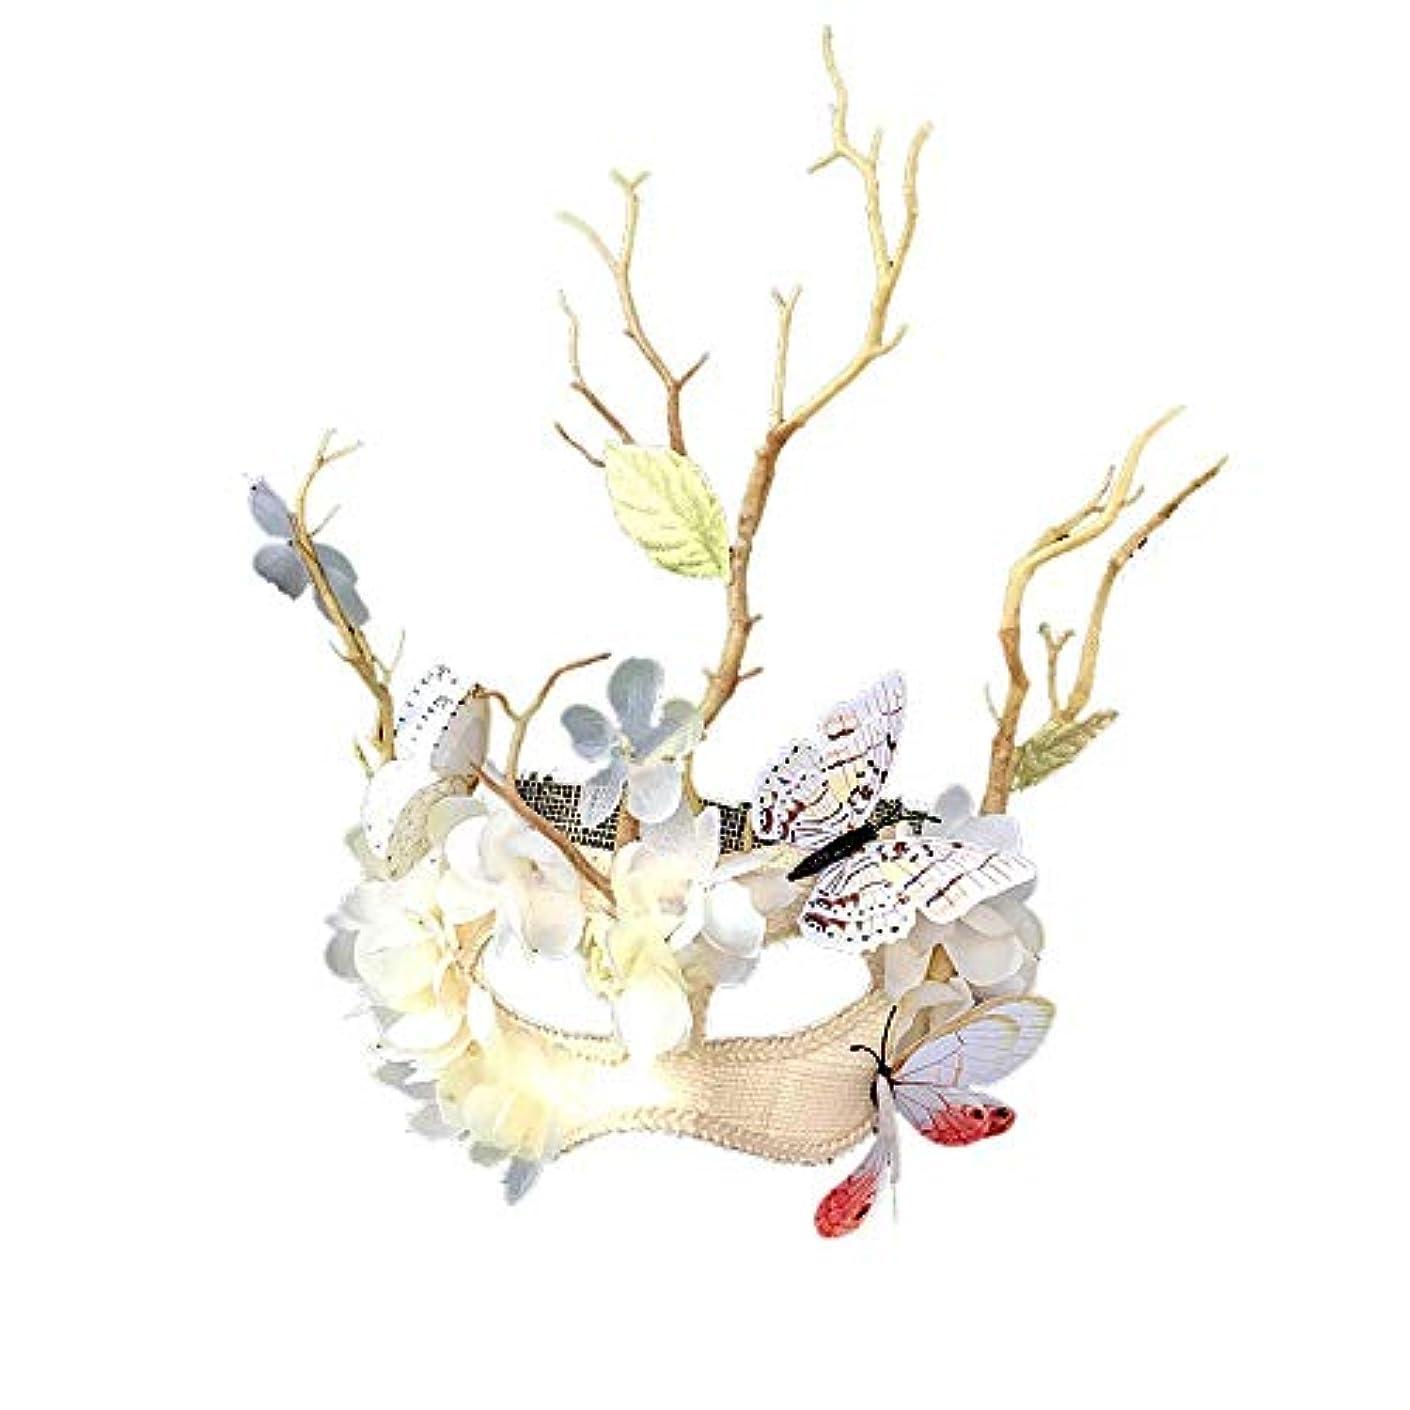 ディレクトリ悪性のモネNanle ハロウィンの蝶の木ブランチマスク仮装マスクレディミスプリンセス美容祭パーティーデコレーション (色 : ベージュ)